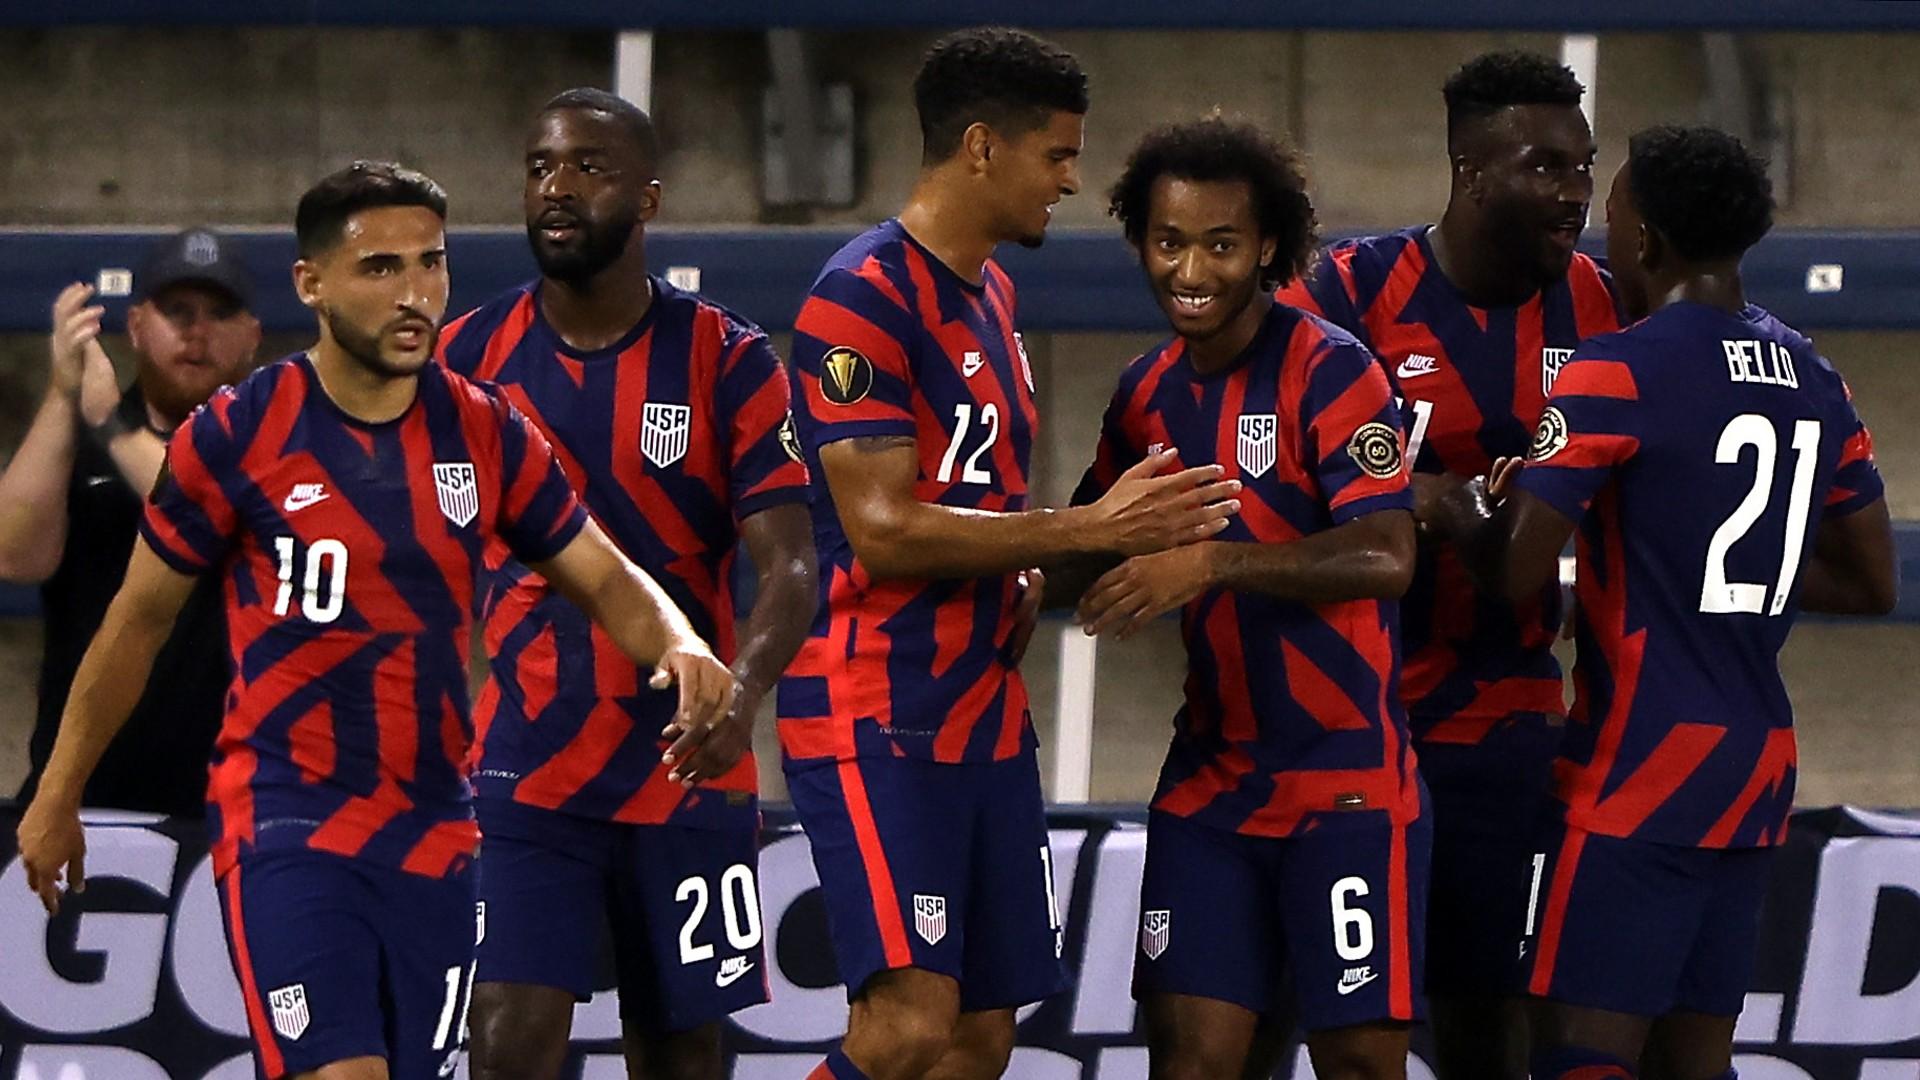 Costa Rica vs Canada, USMNT vs Jamaica: TV channel, live stream, team news & preview